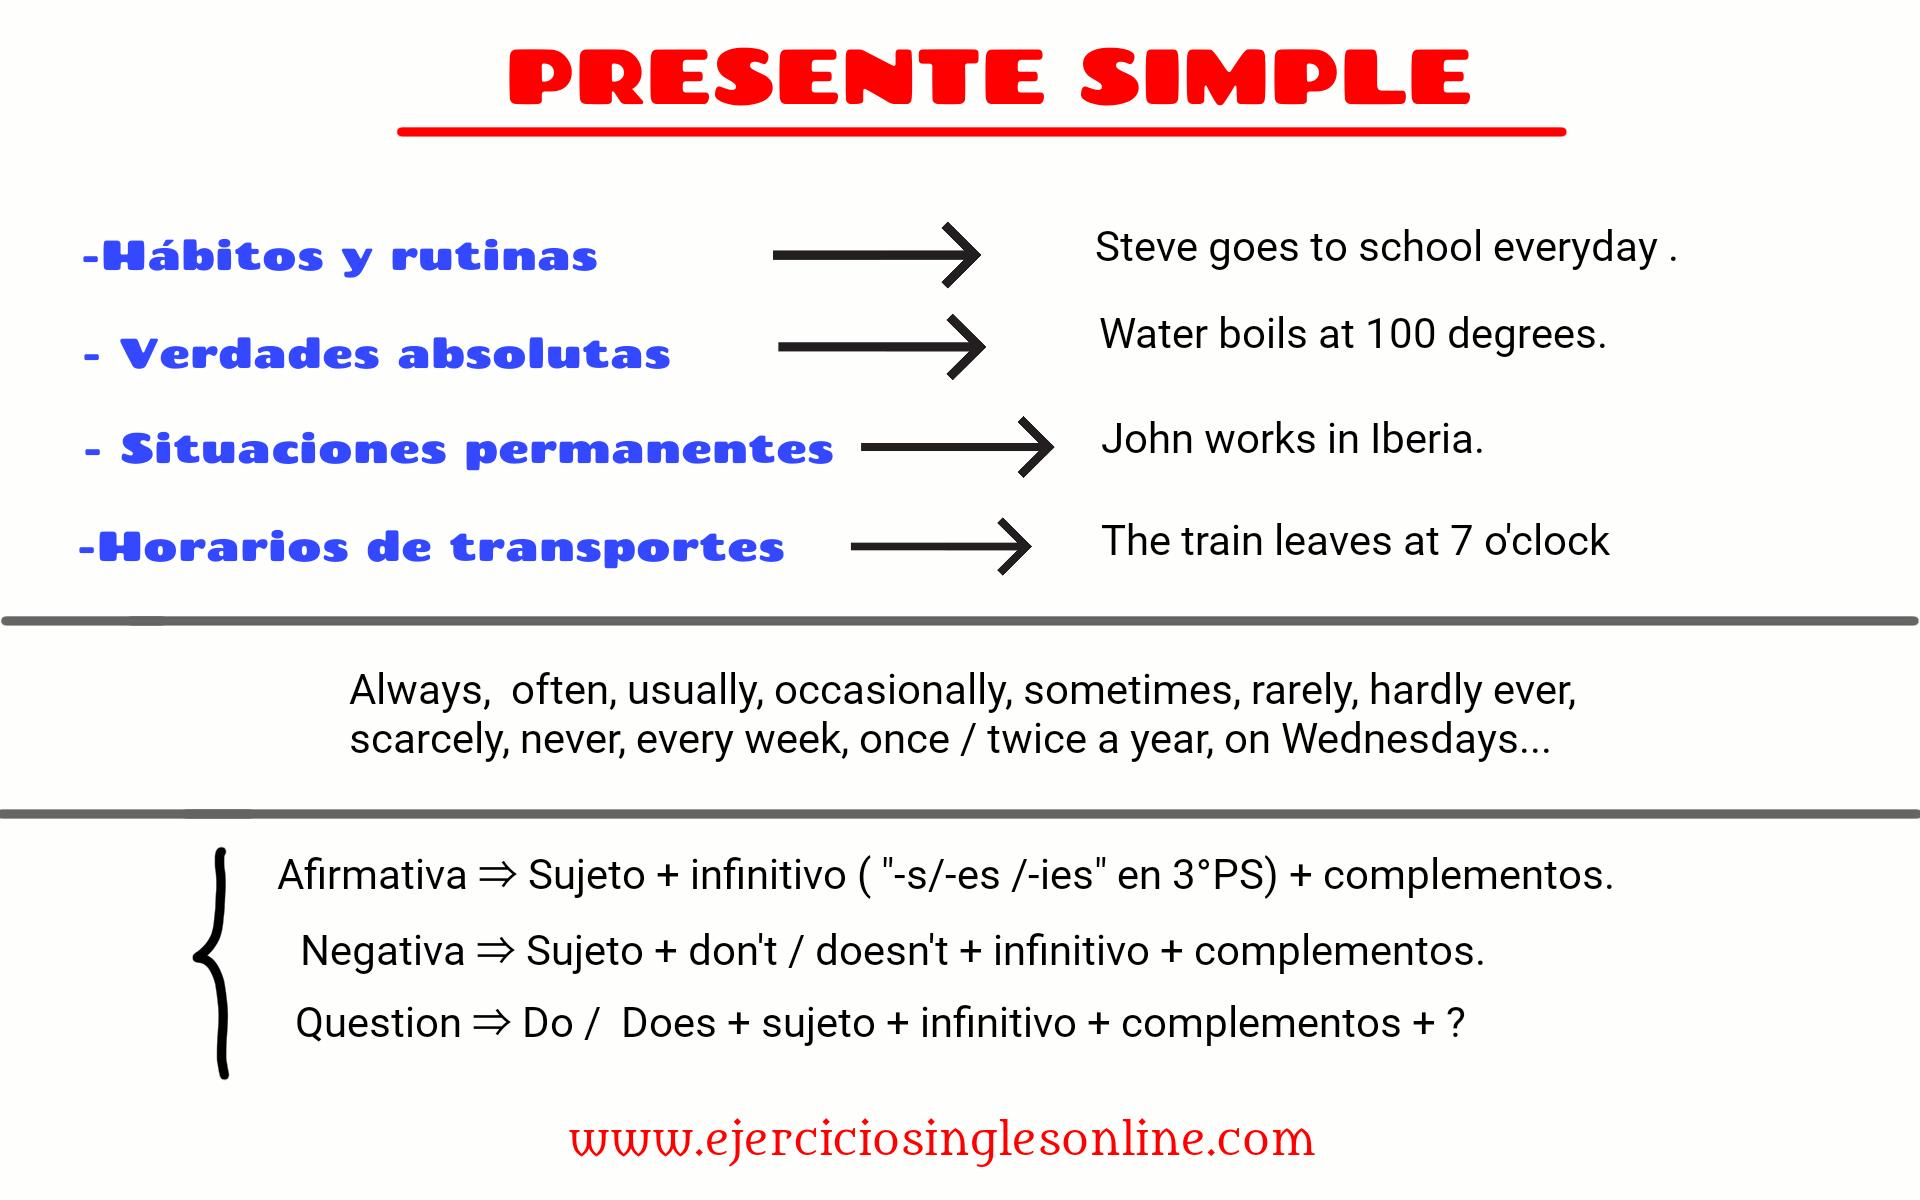 Blog Ejercicios Inglés Online Presente Simple En Ingles Presente Simple Adverbios En Ingles